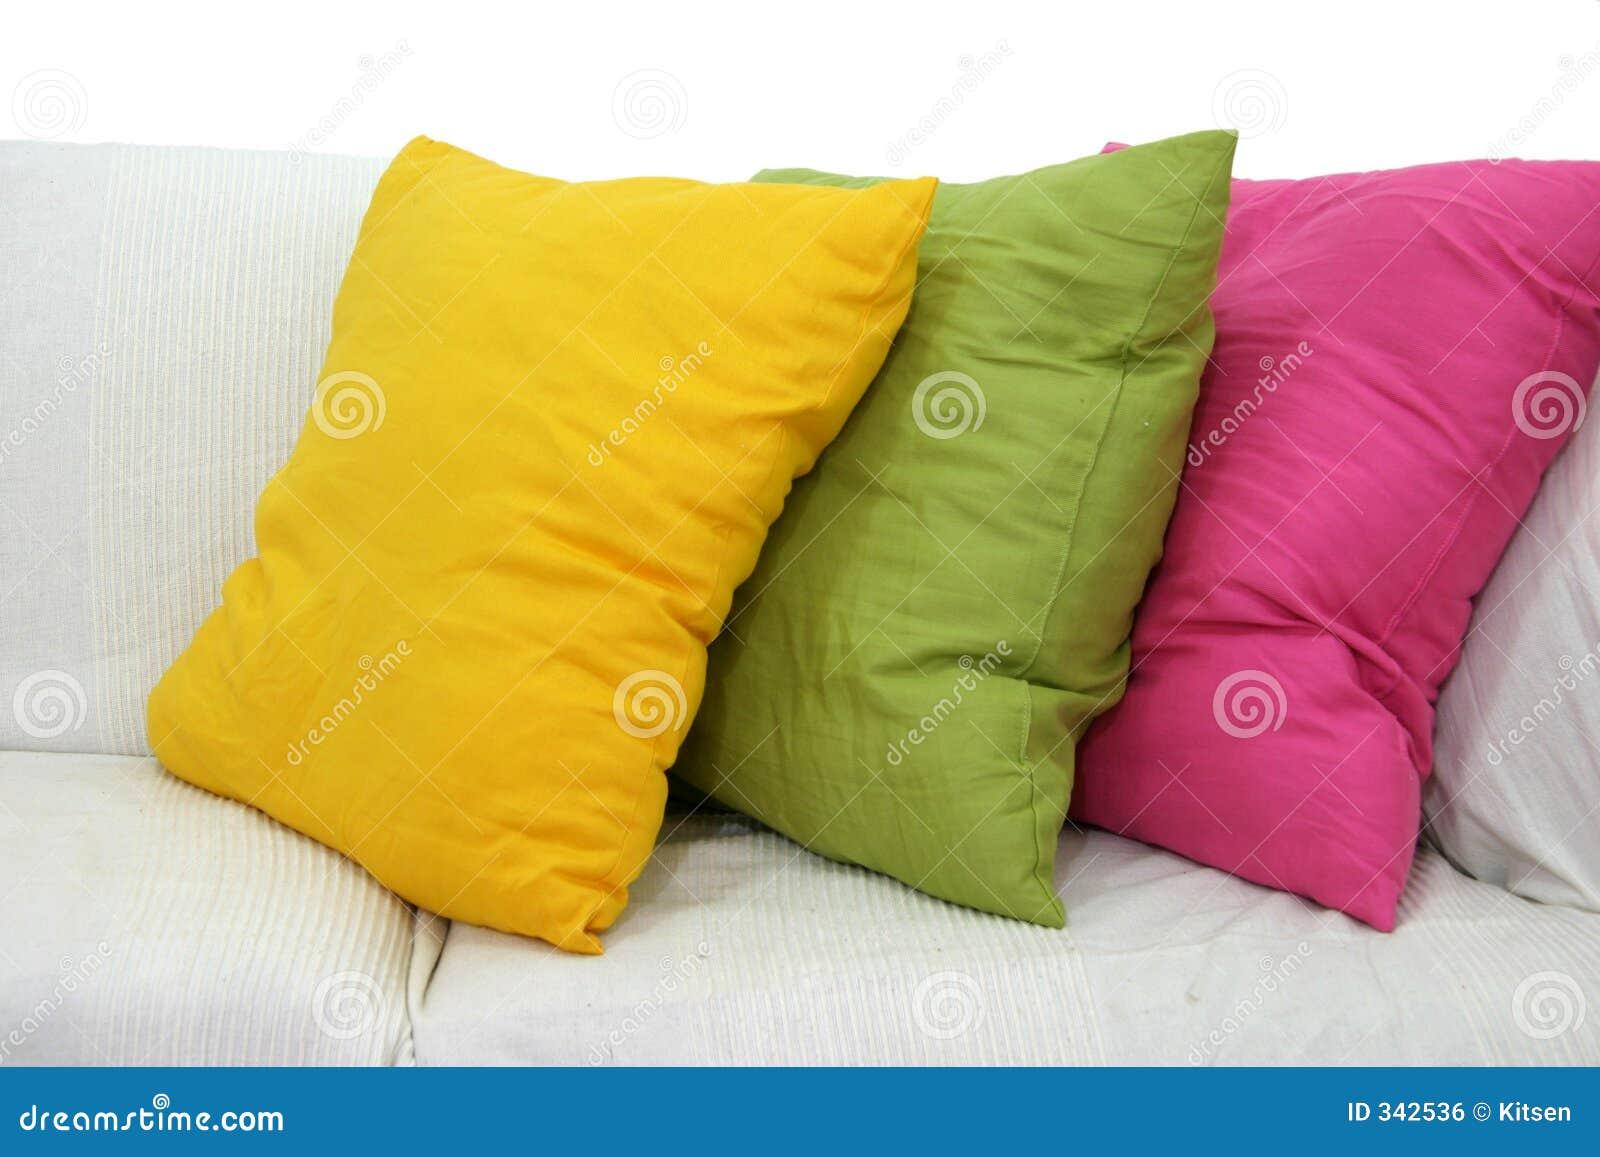 farbige kissen stockfoto bild von couch bequemlichkeit. Black Bedroom Furniture Sets. Home Design Ideas